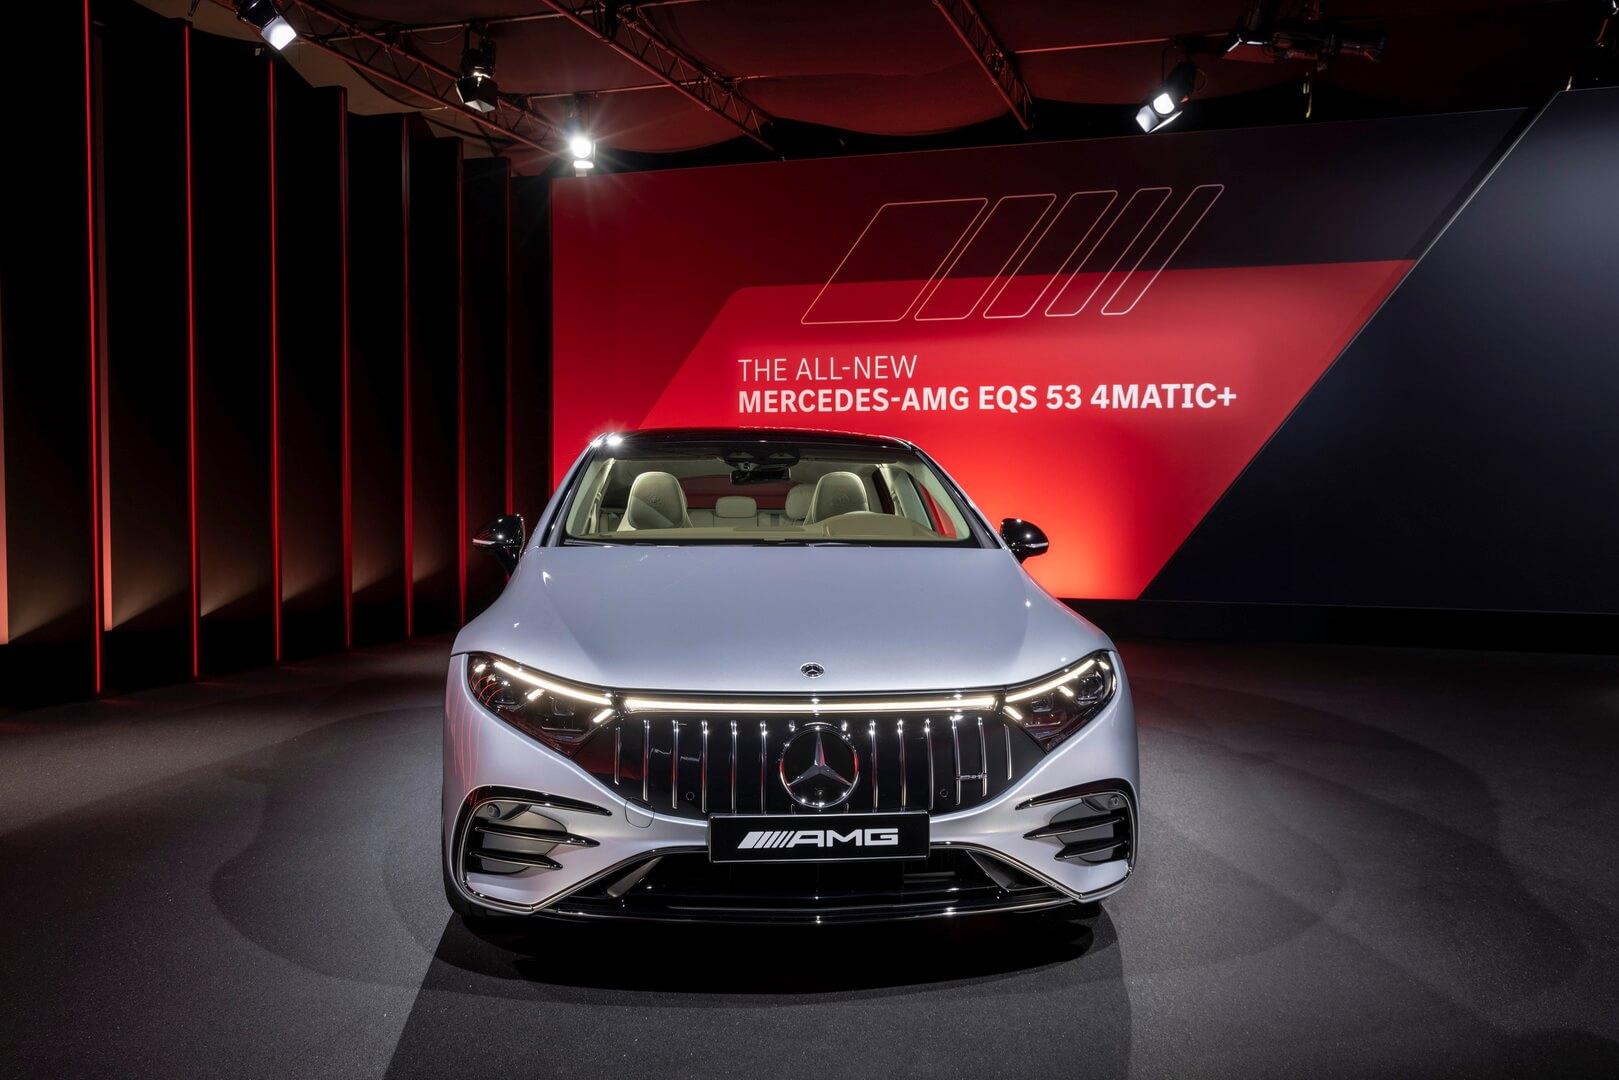 Представлен Mercedes-AMG EQS: первый электромобиль AMG мощностью 751 л.с.